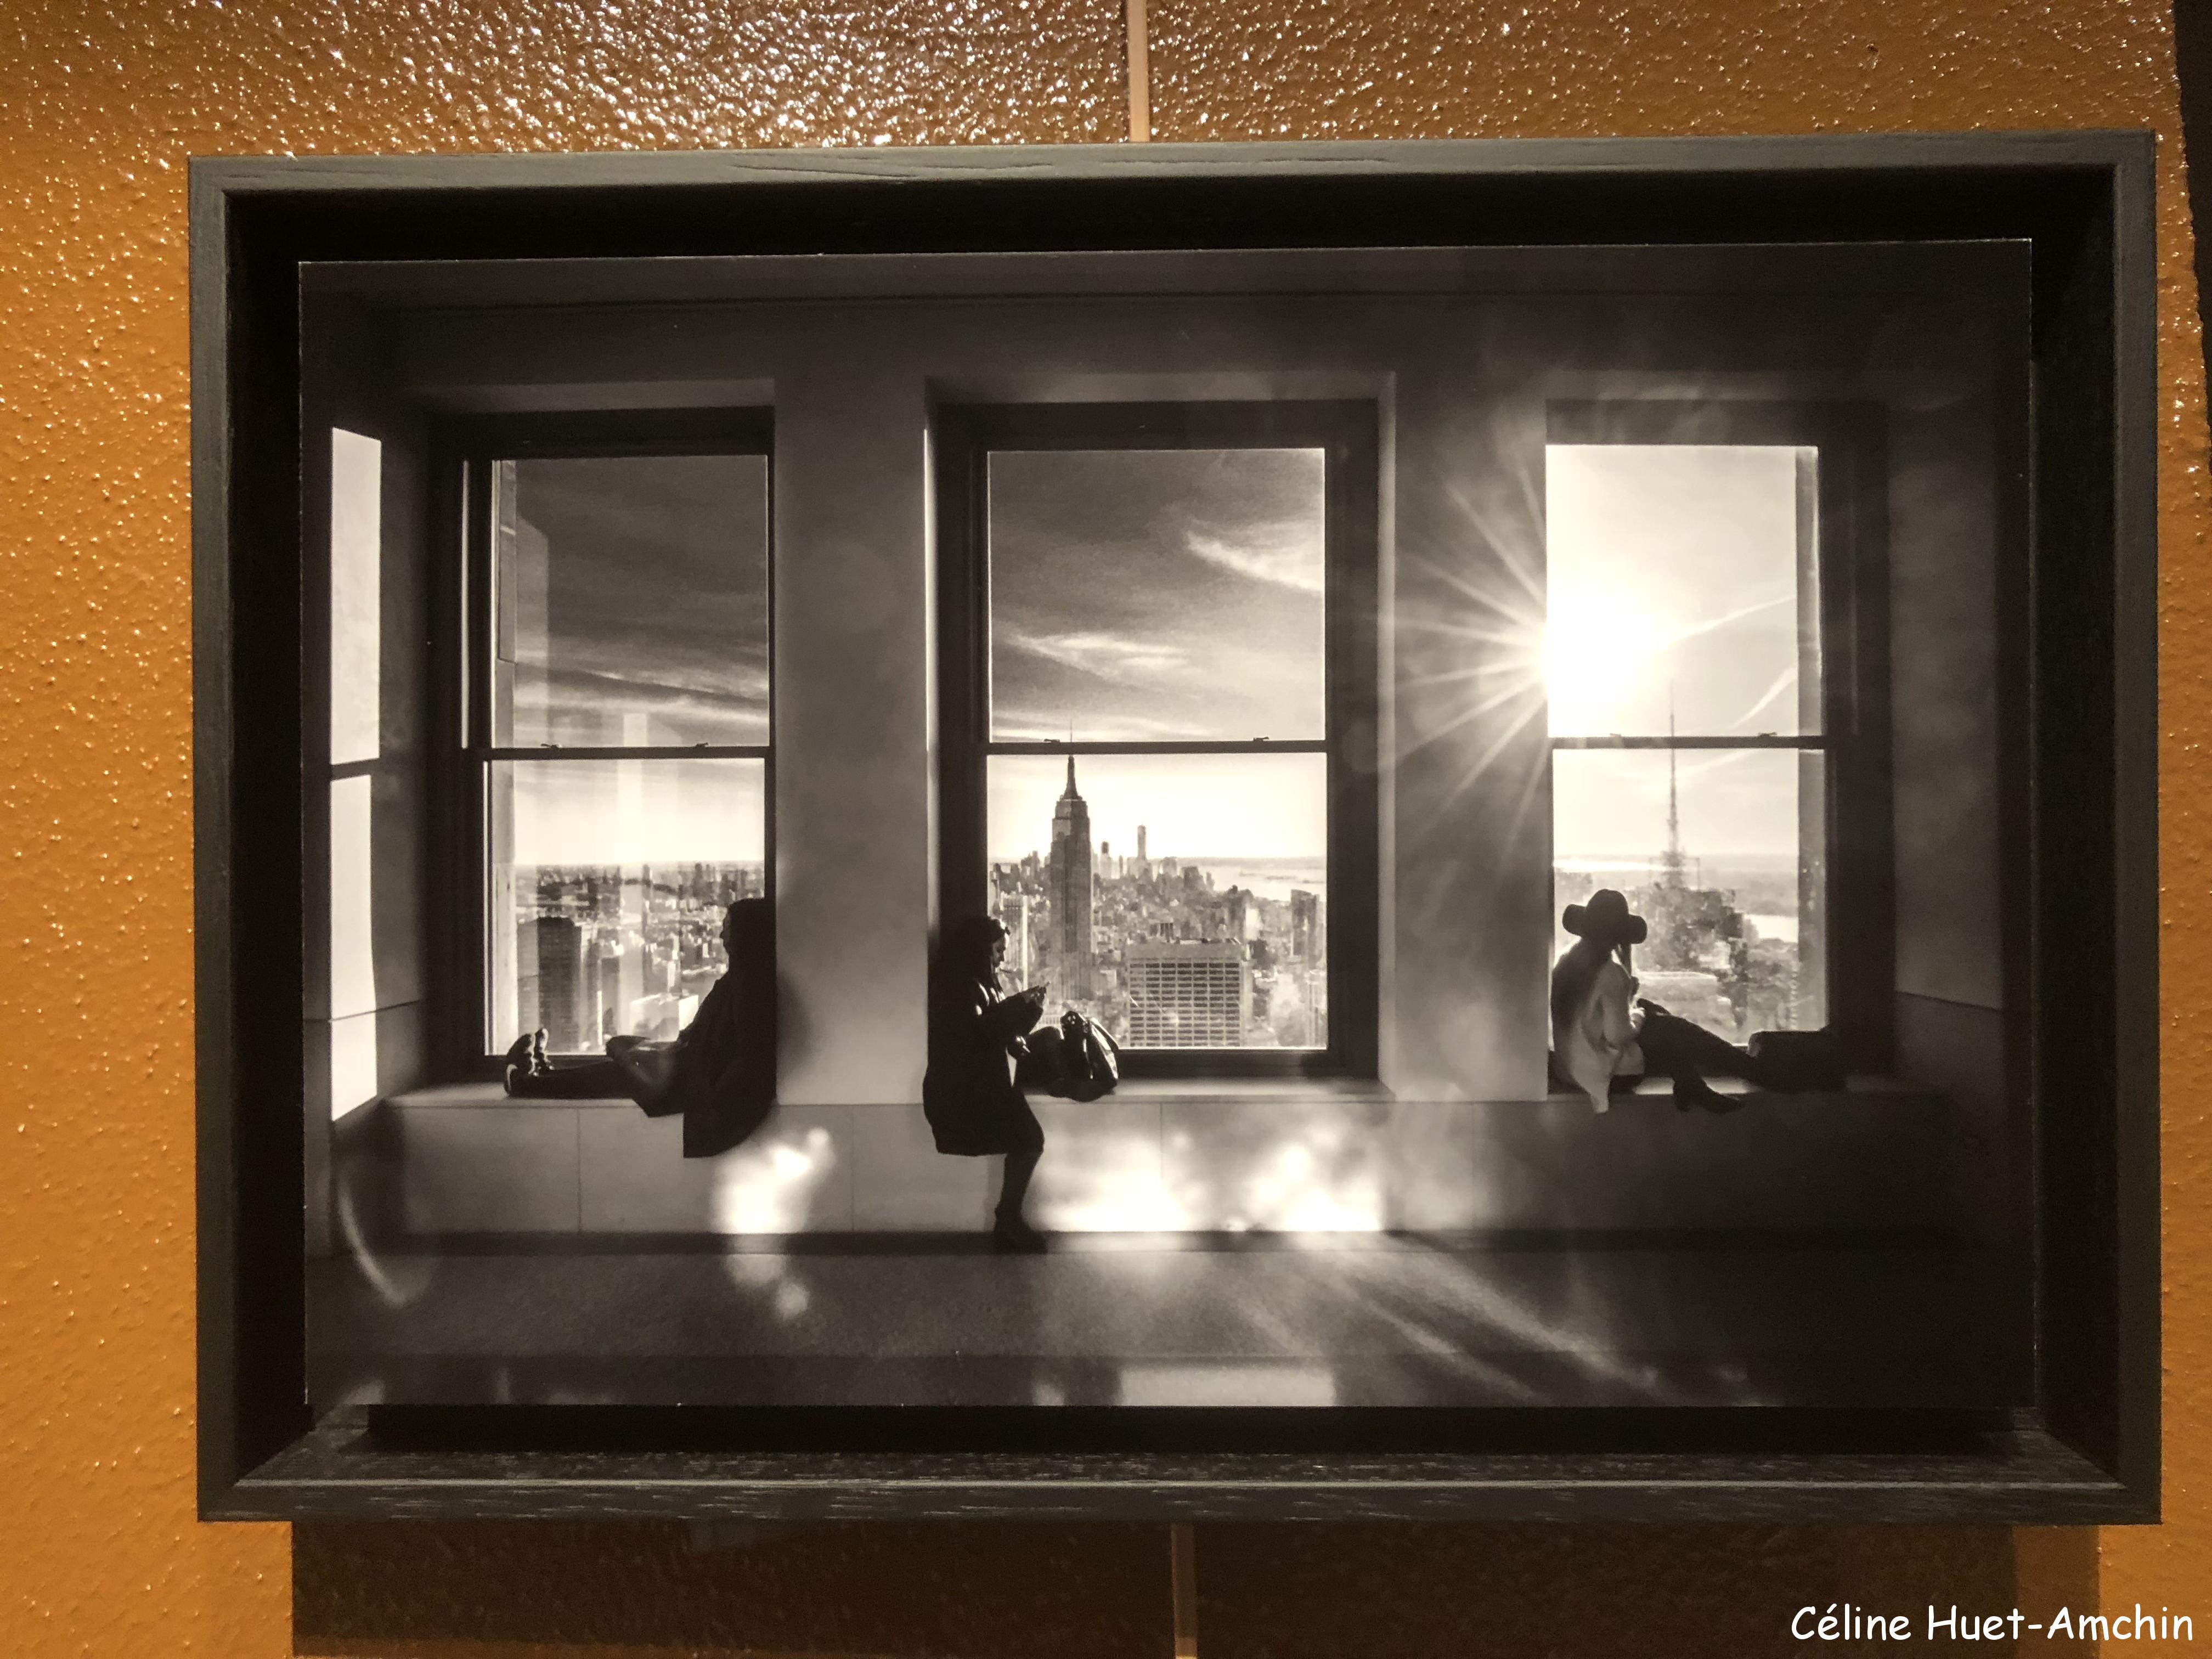 Exposition photos Yoan Malka 9e édition Festival America Centre Culturel Georges Pompidou Vincennes